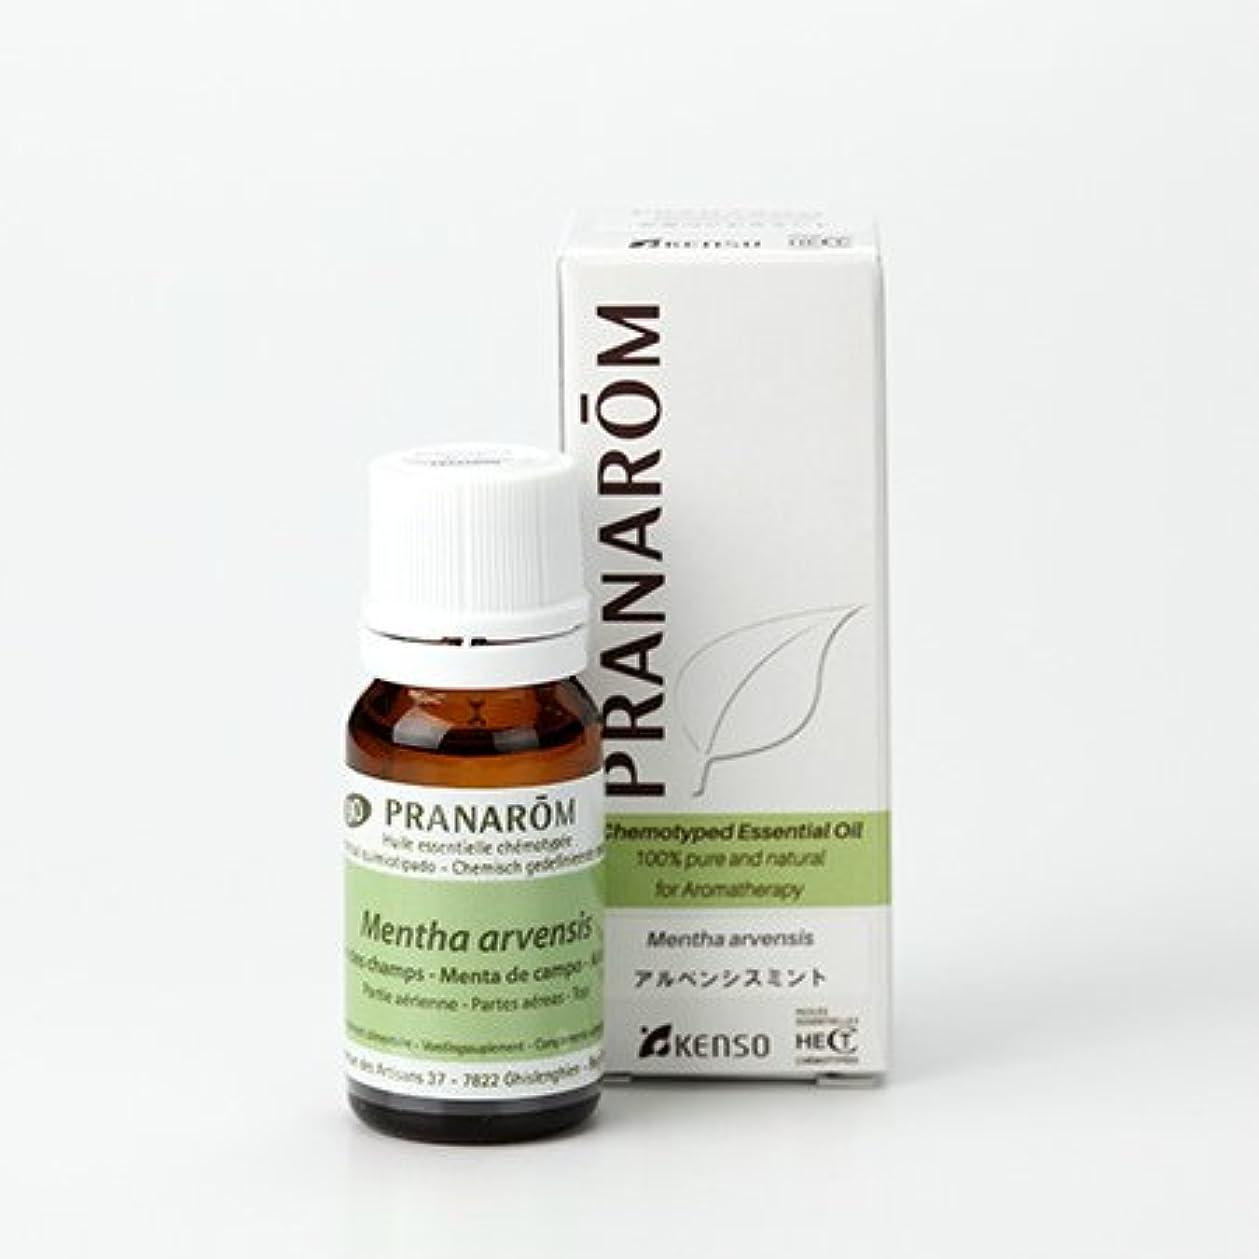 インスタンス故障なぜならプラナロム アルベンシスミント 10ml (PRANAROM ケモタイプ精油)